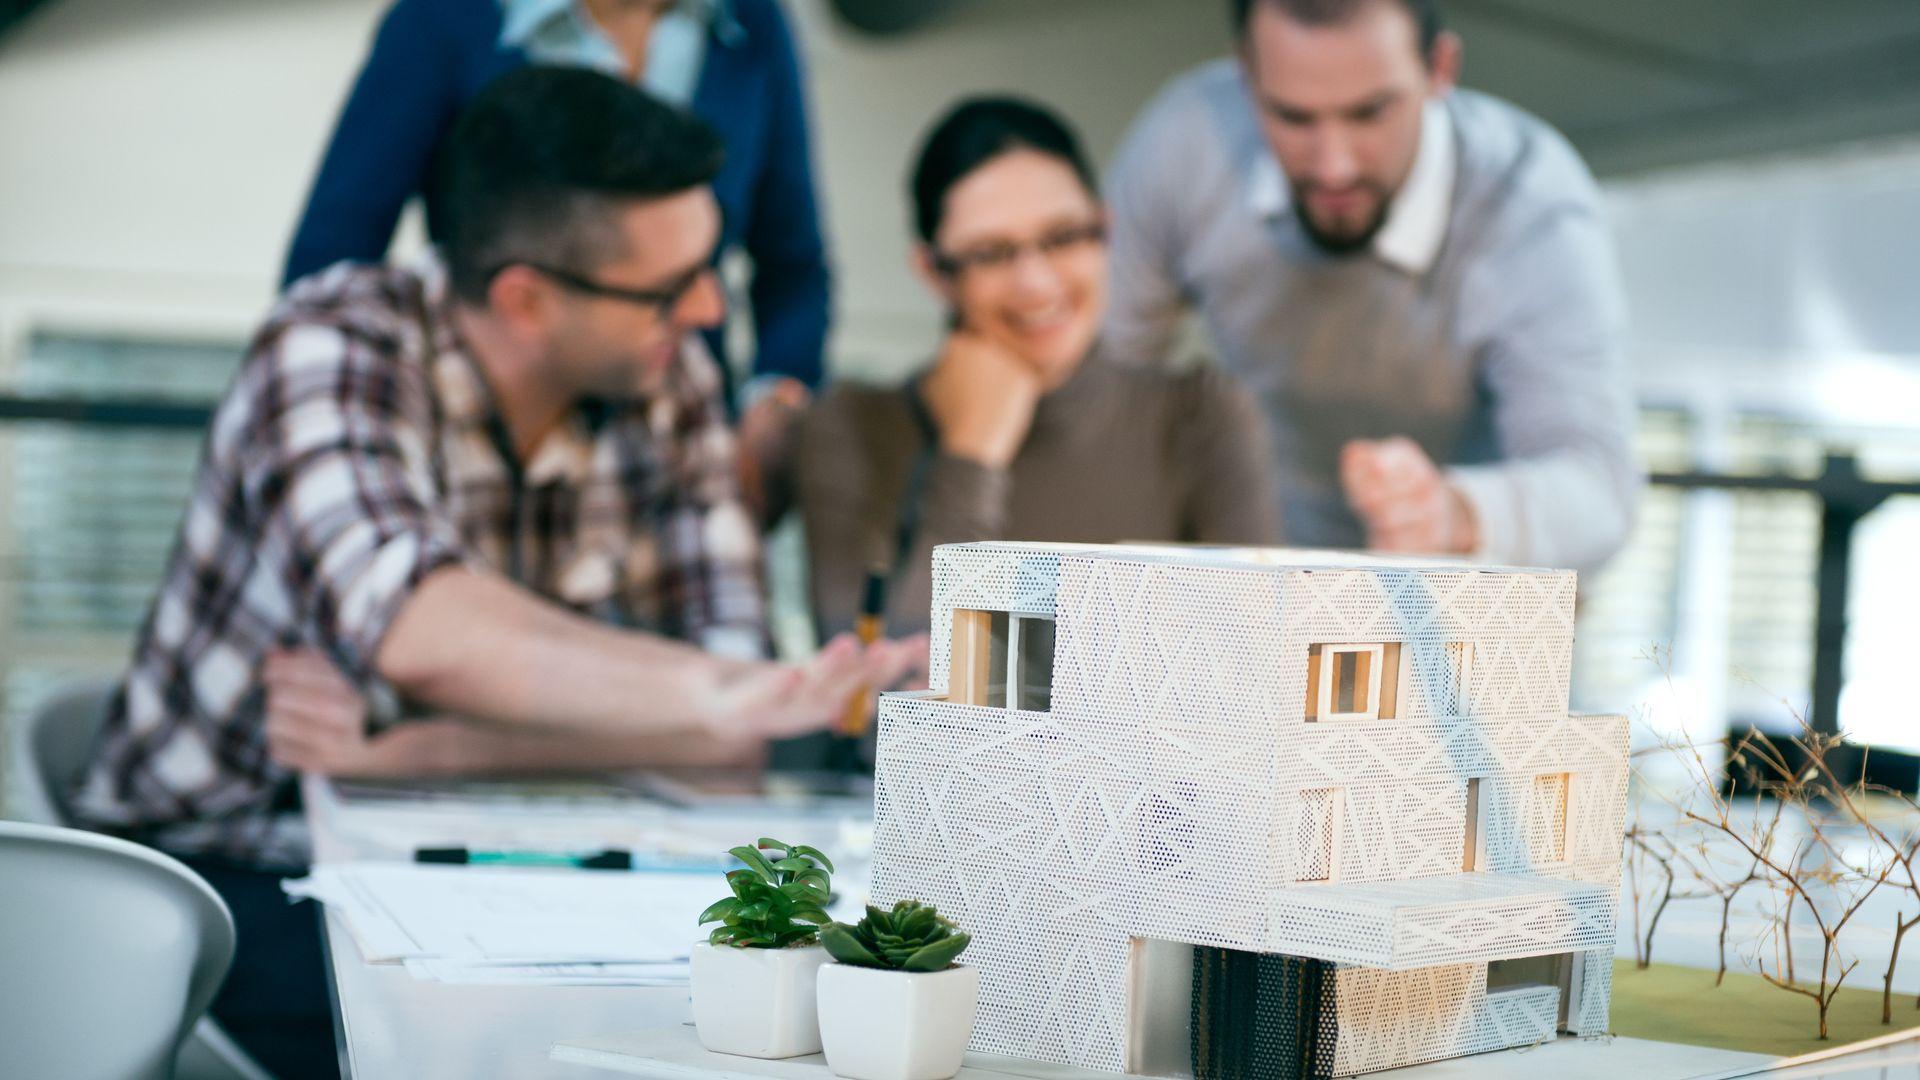 ANNONSE: Arkitekt- og ingeniørbransjen står foran mange utfordringer. Slik kan de møtes